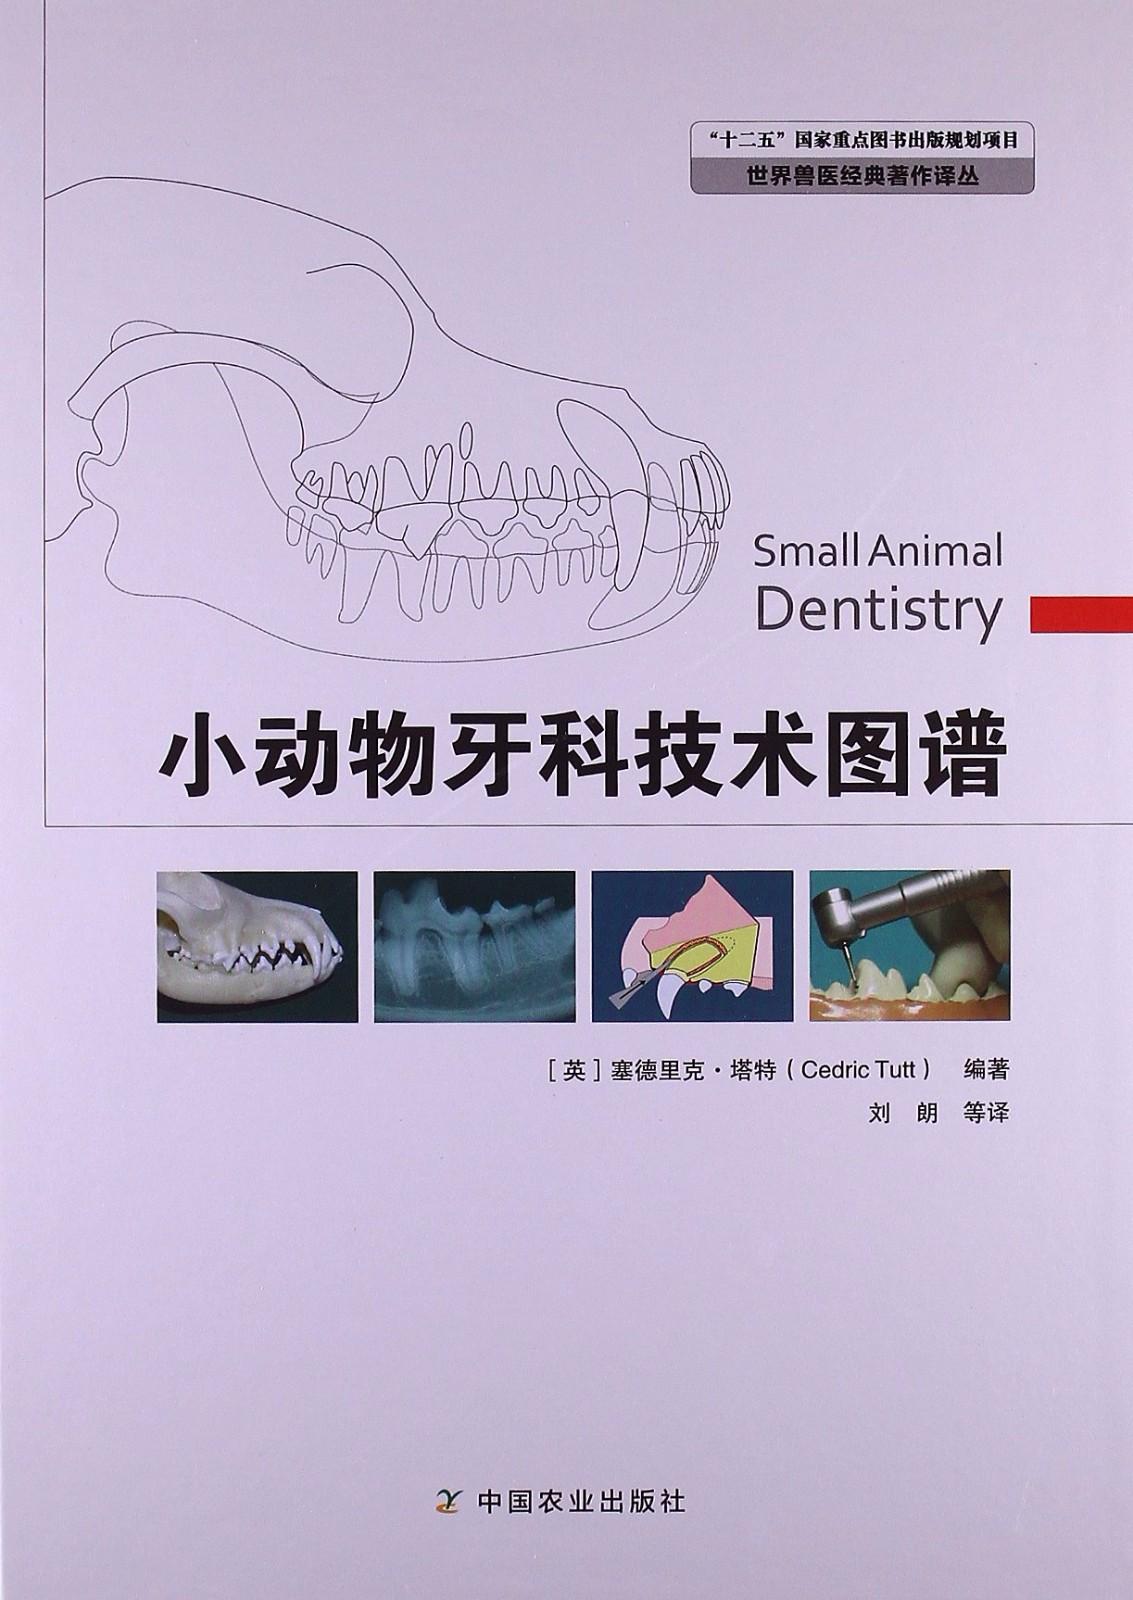 小动物牙科技术图谱(国家重大出版工程项目).pdf